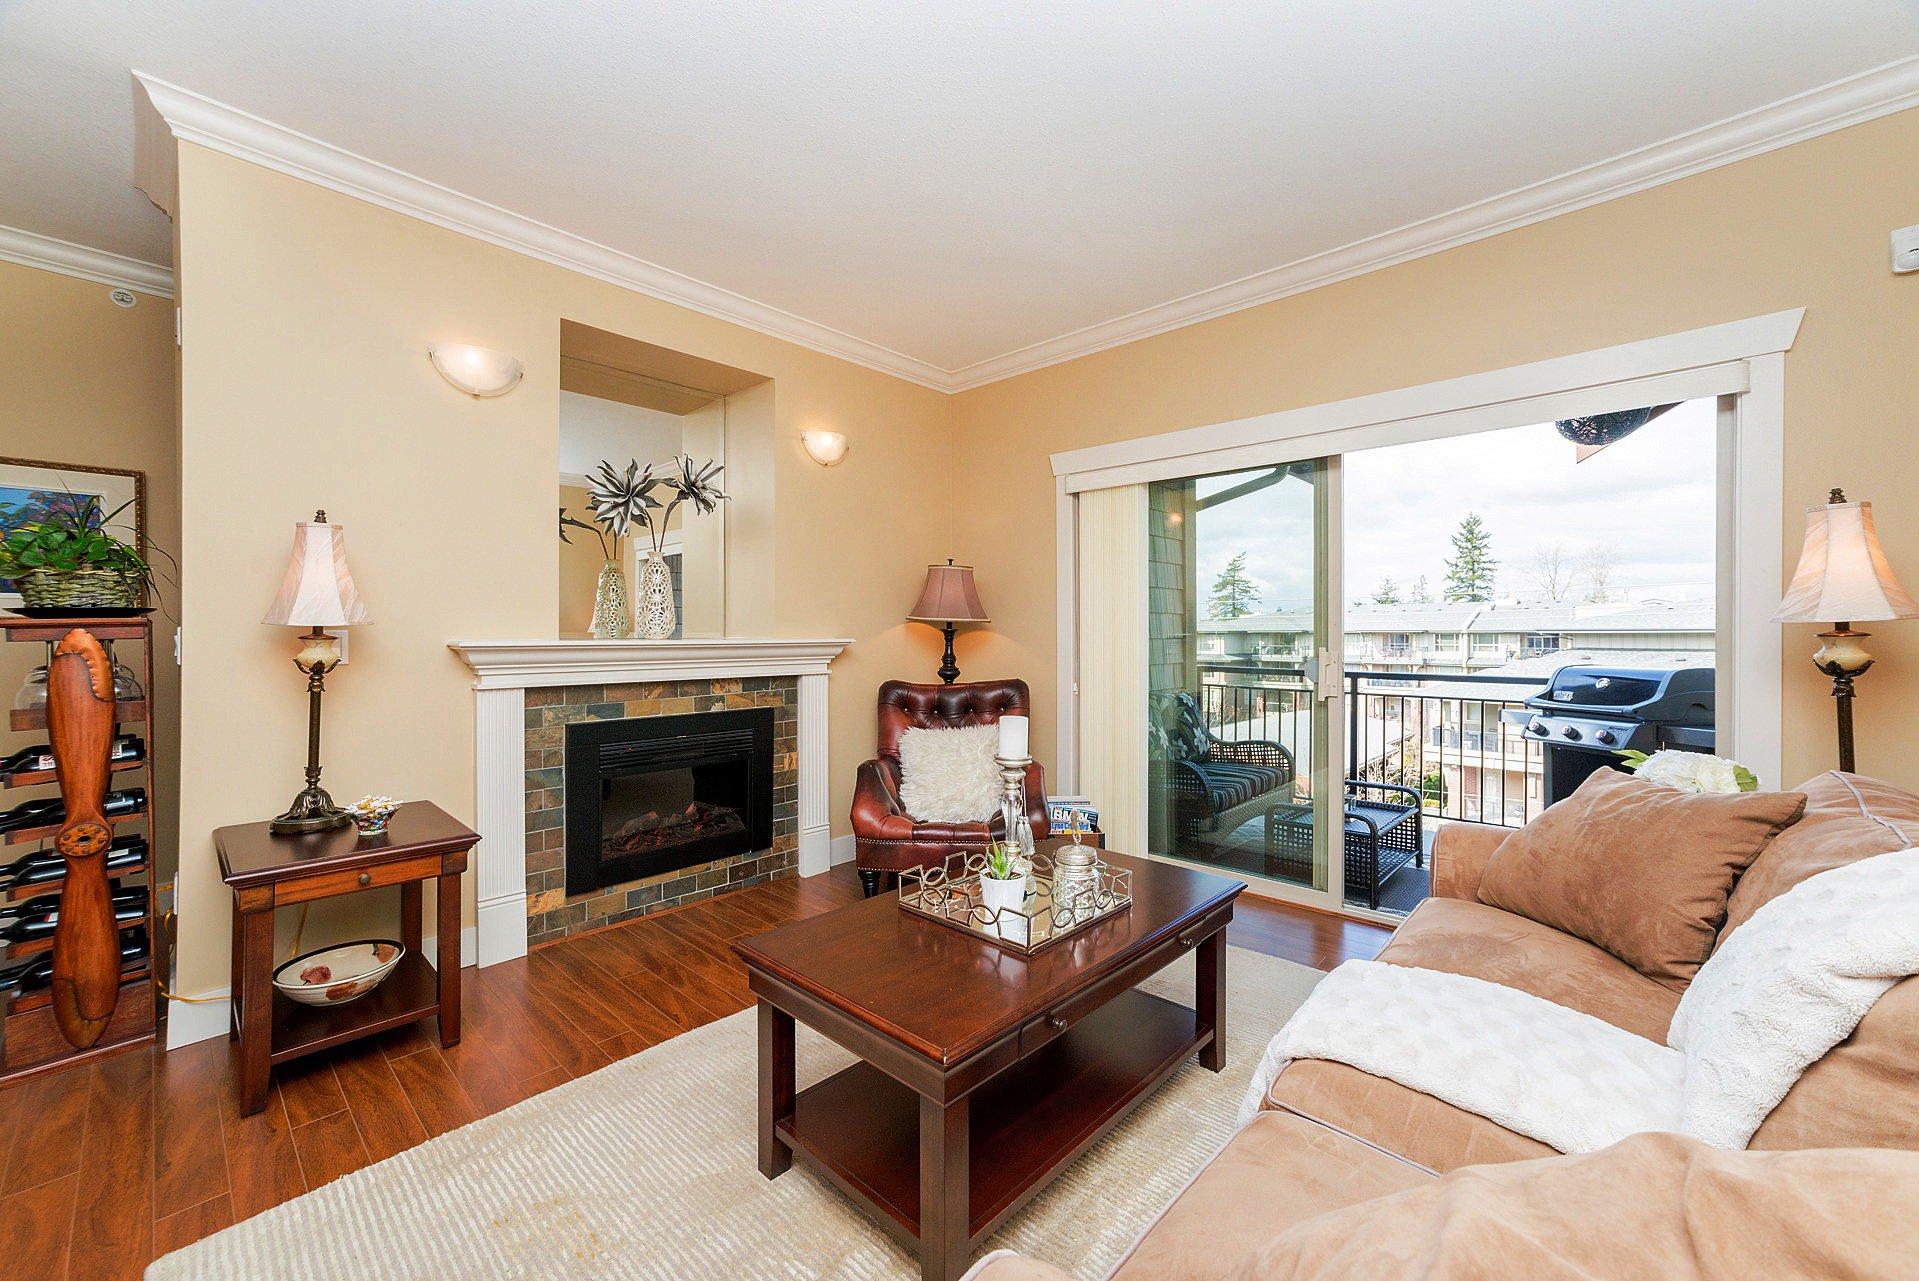 """Photo 2: Photos: 408 15368 17A Avenue in Surrey: King George Corridor Condo for sale in """"OCEAN WYNDE"""" (South Surrey White Rock)  : MLS®# R2249492"""